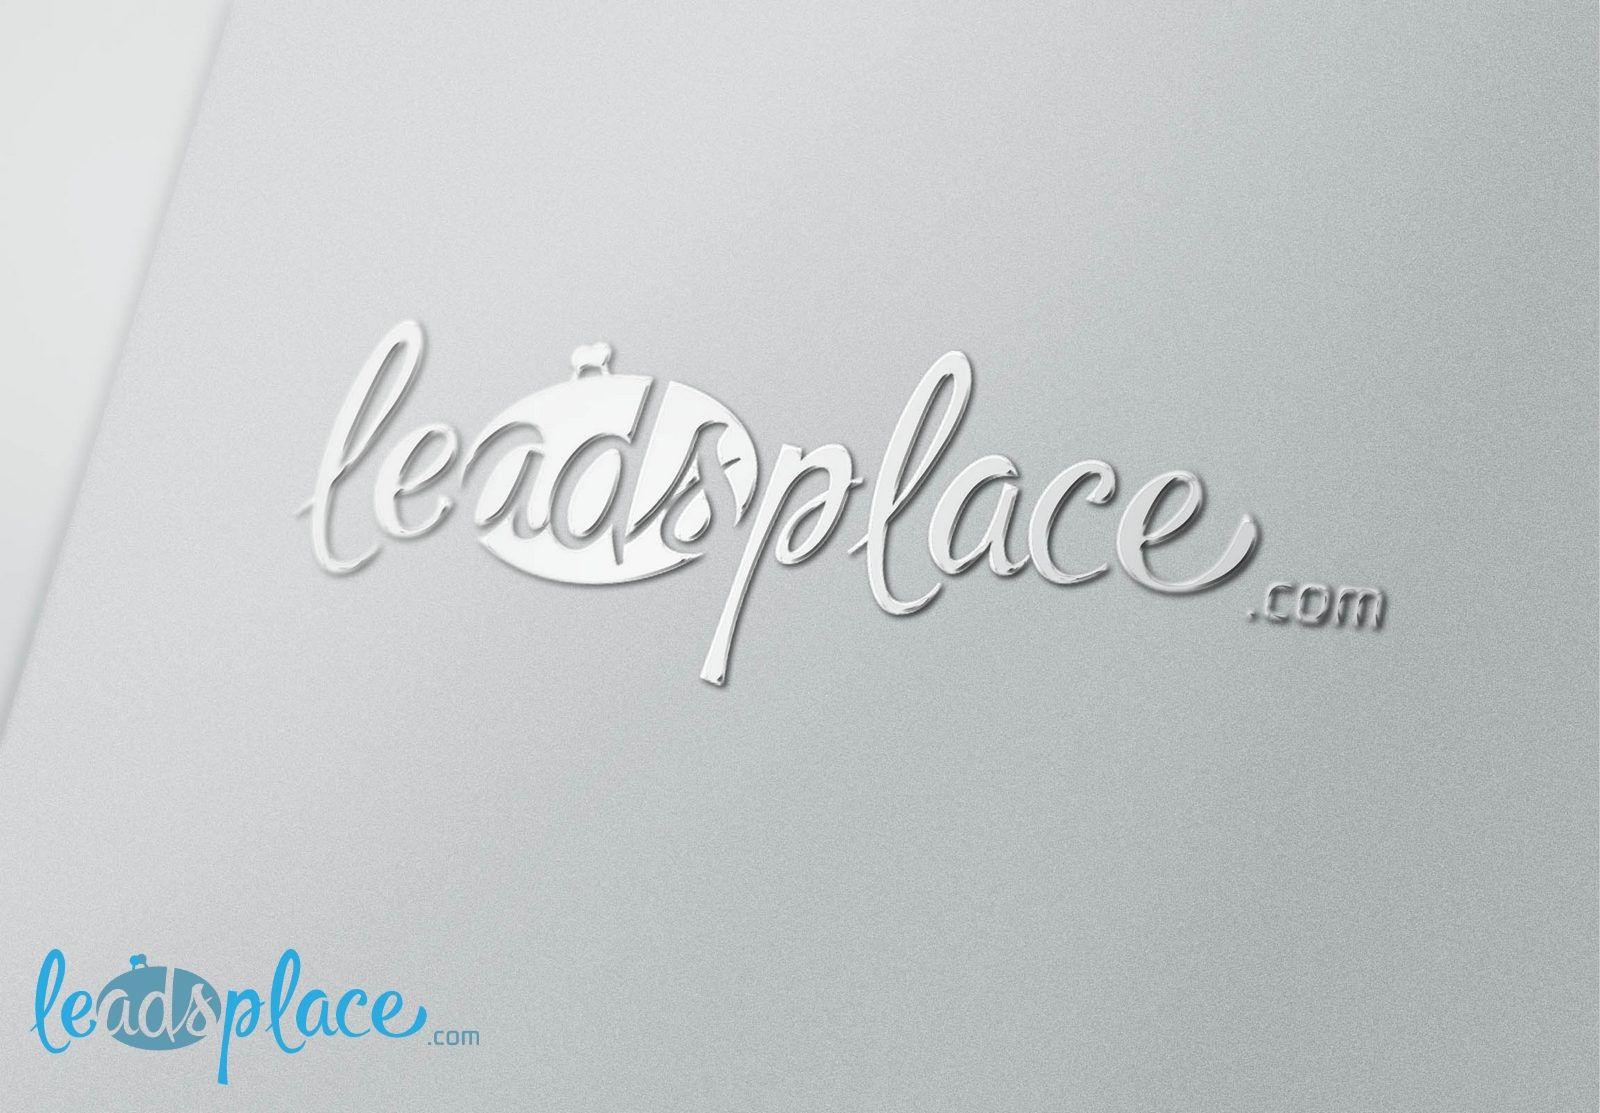 leadsplace.com - логотип - дизайнер Pulkov